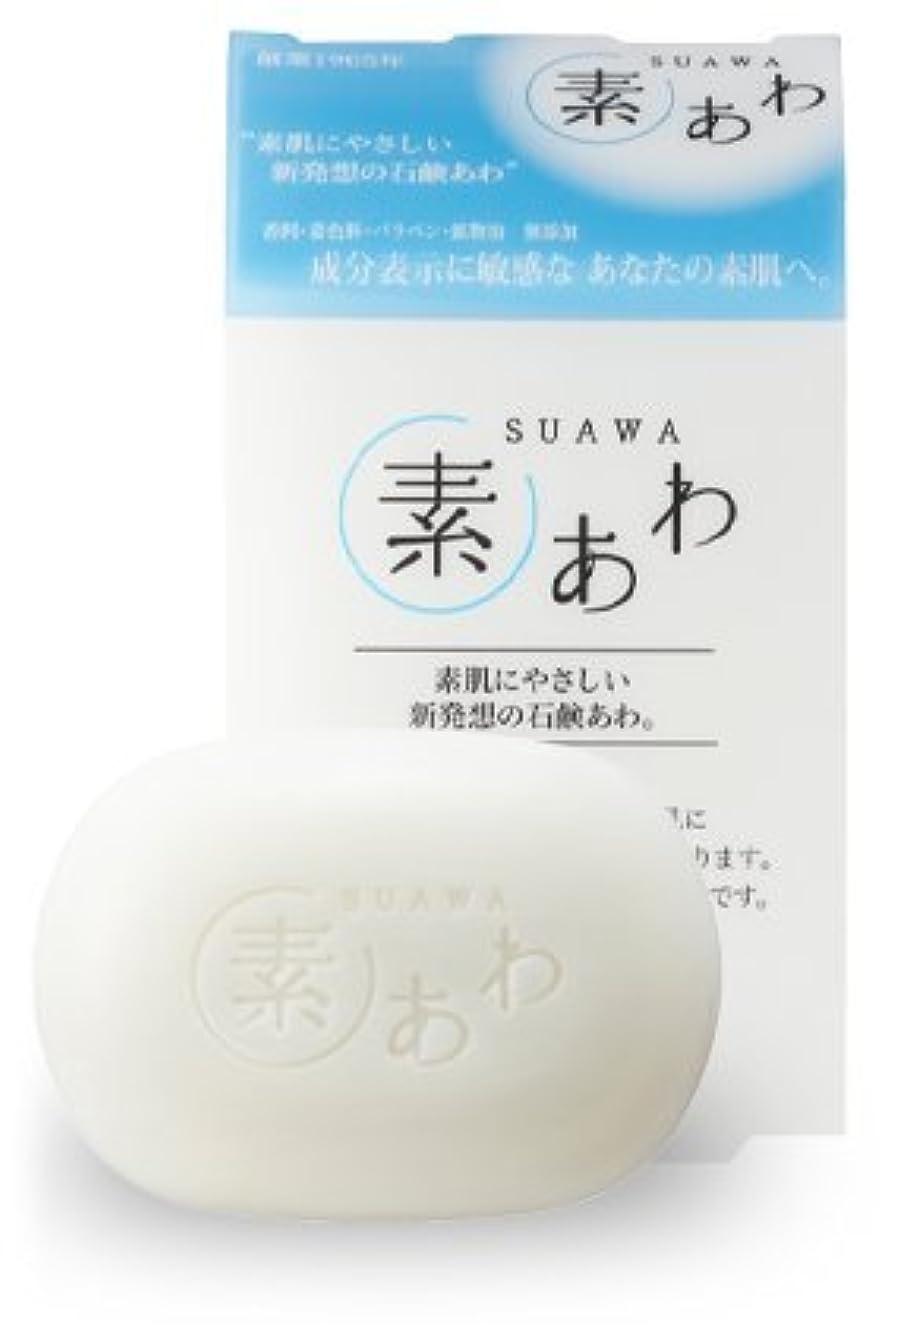 毎回顕著しばしば薬用 素あわ 洗顔 全身用 石鹸 80g 乾 燥 肌 ? 敏 感 肌 に